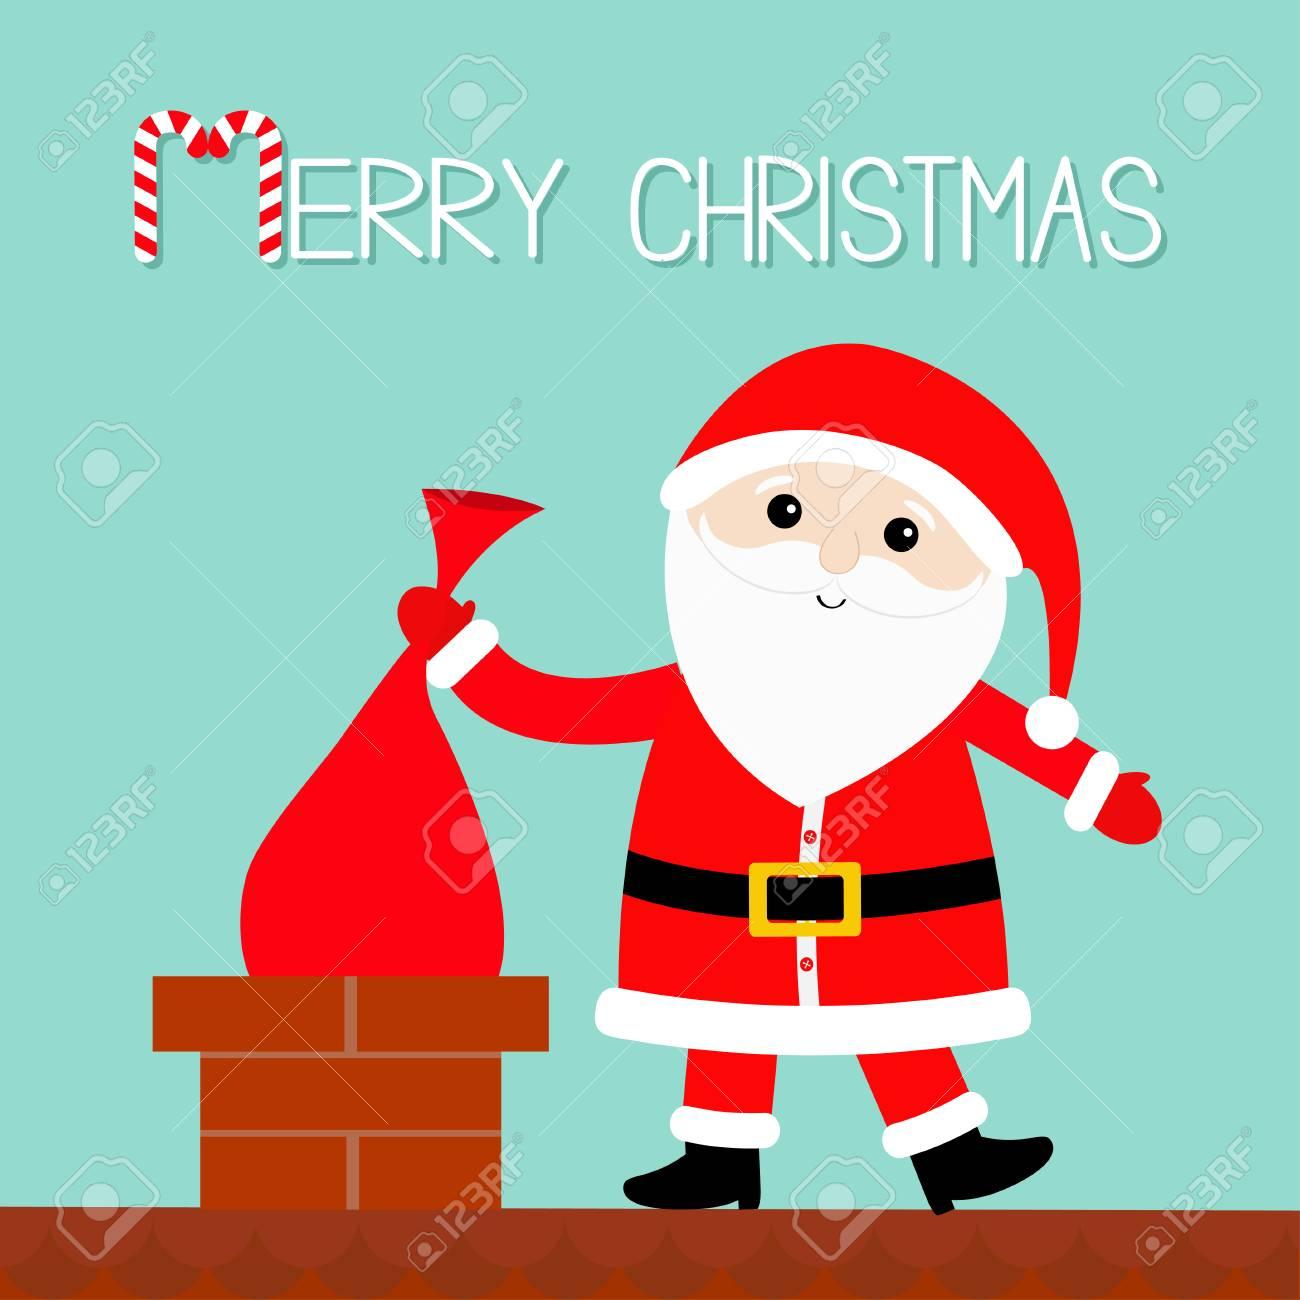 Père Noël Sur Le Toit Mettant Sac Cadeau Dans La Cheminée Chapeau Rouge Costume Barbe Boucle De Ceinture Joyeux Noël Sucre D Orge Personnage